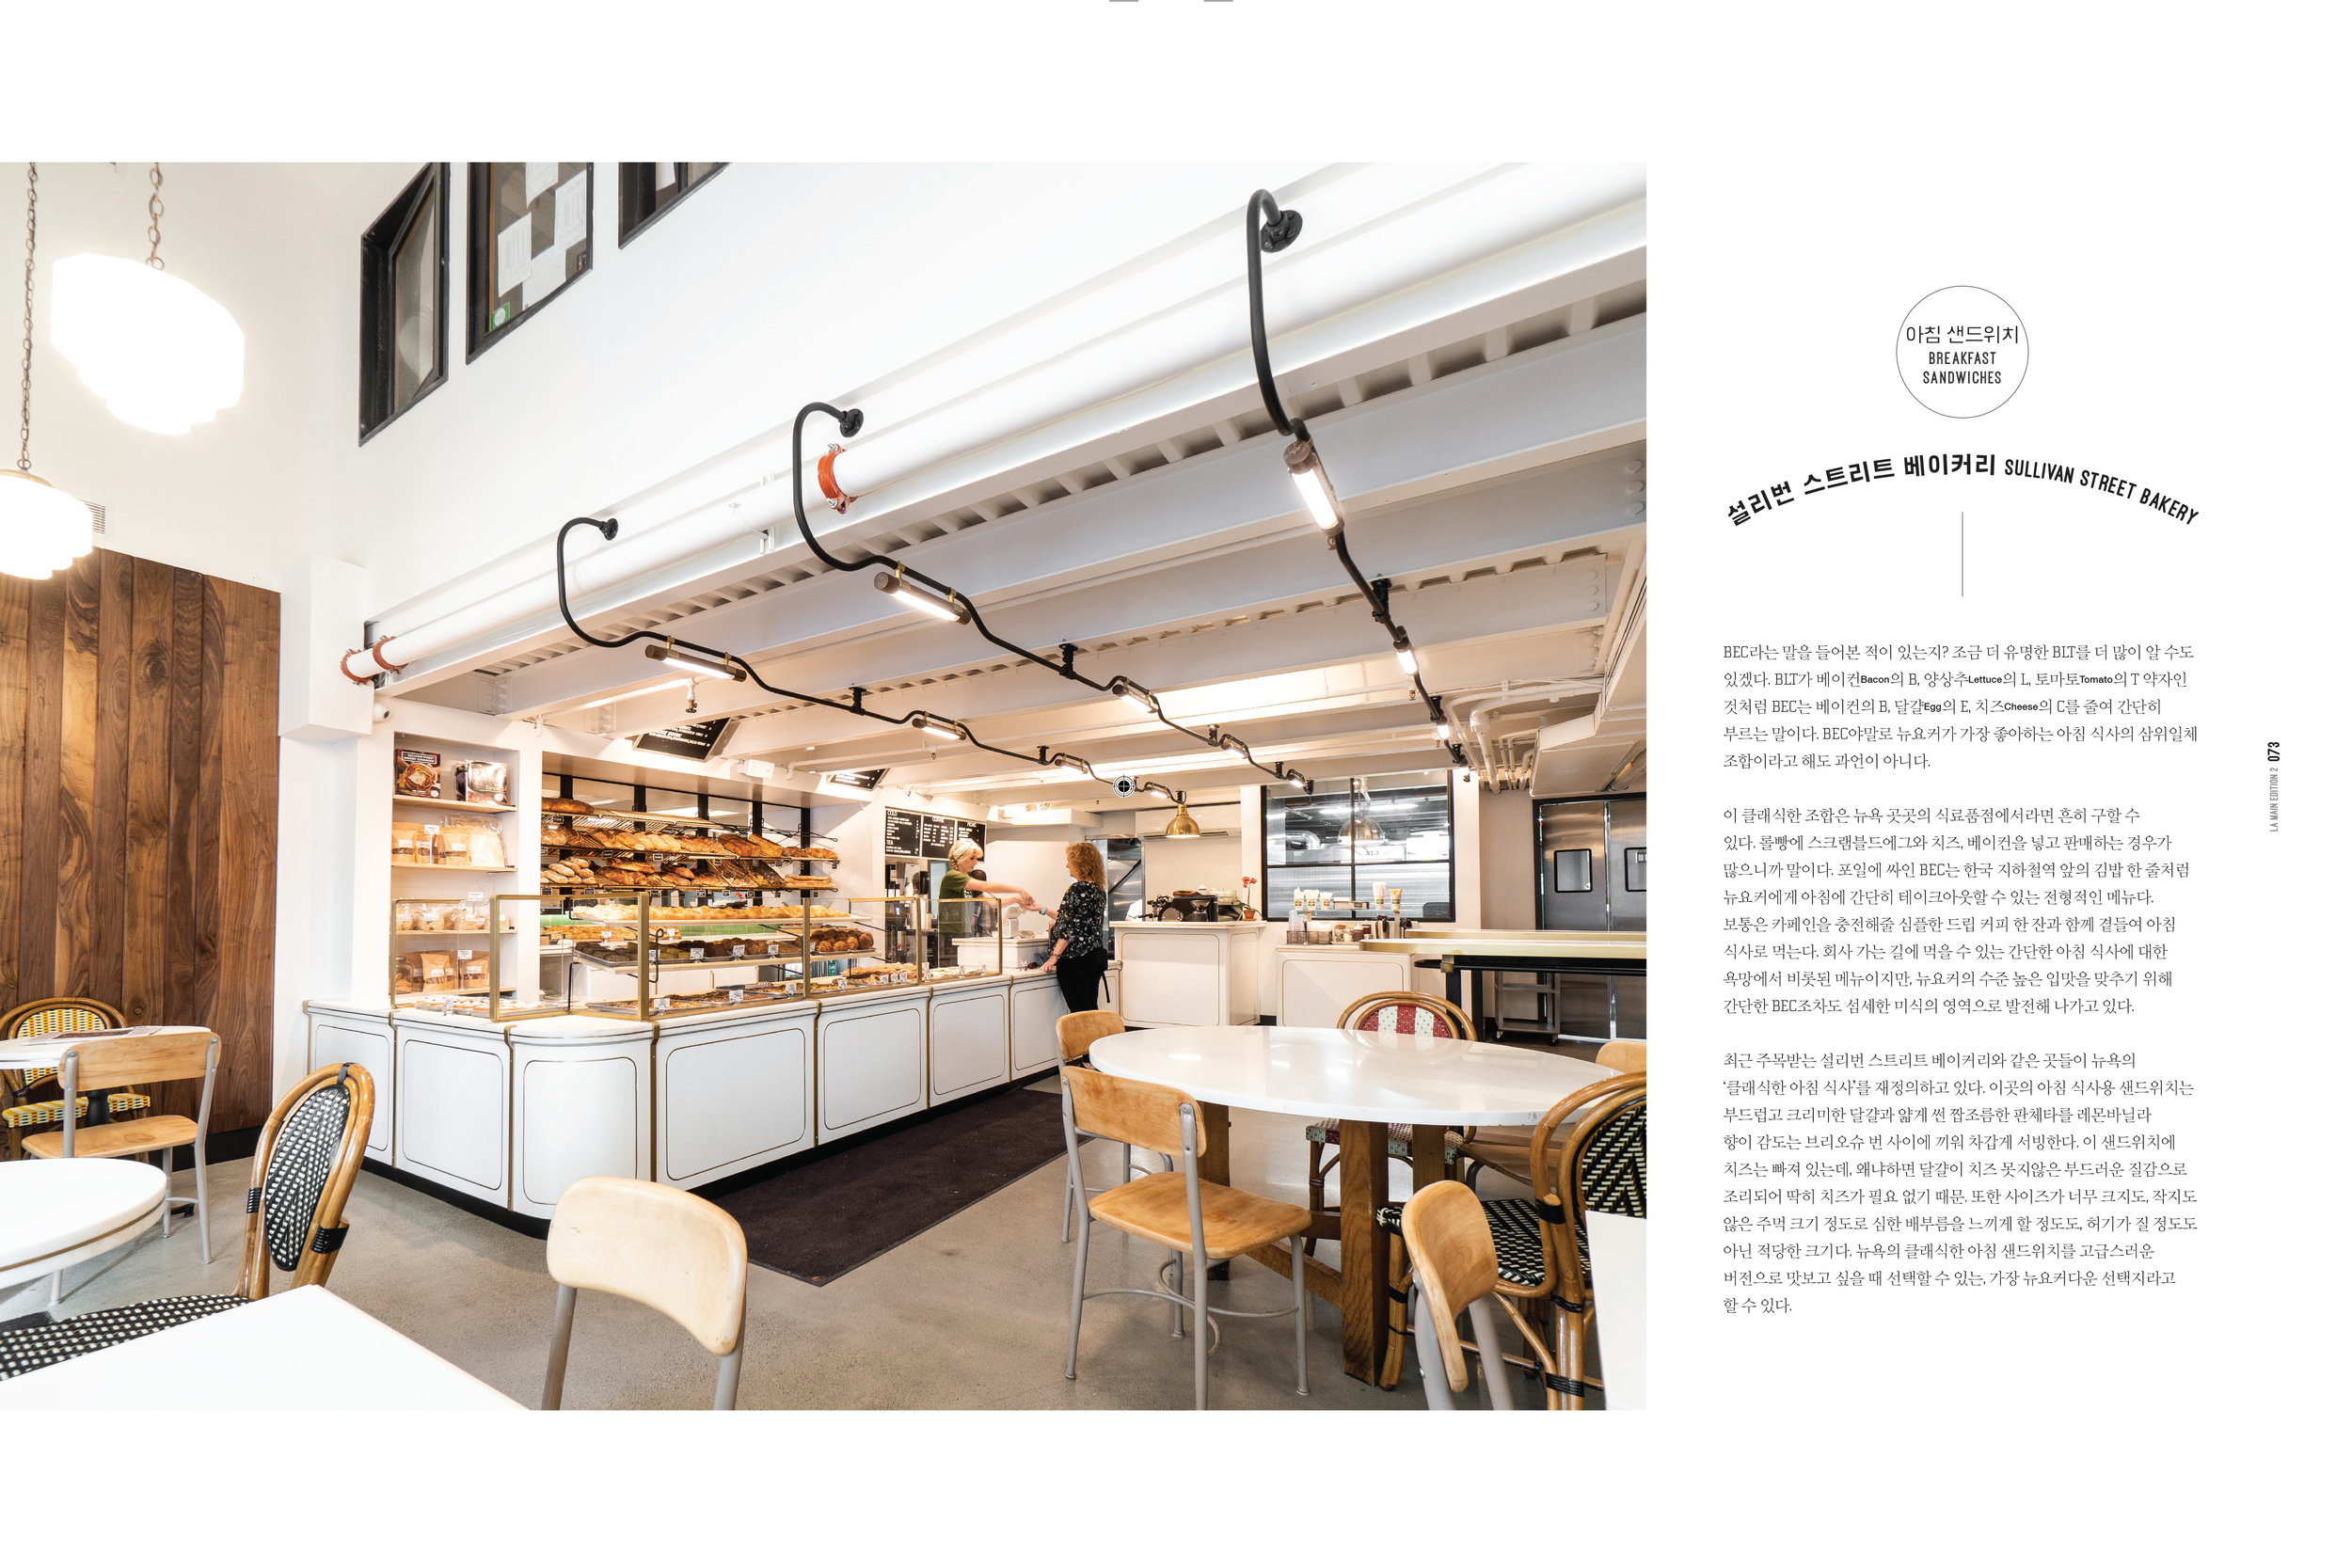 Sullivan Street Bakery for La Main Magazine   September 2018